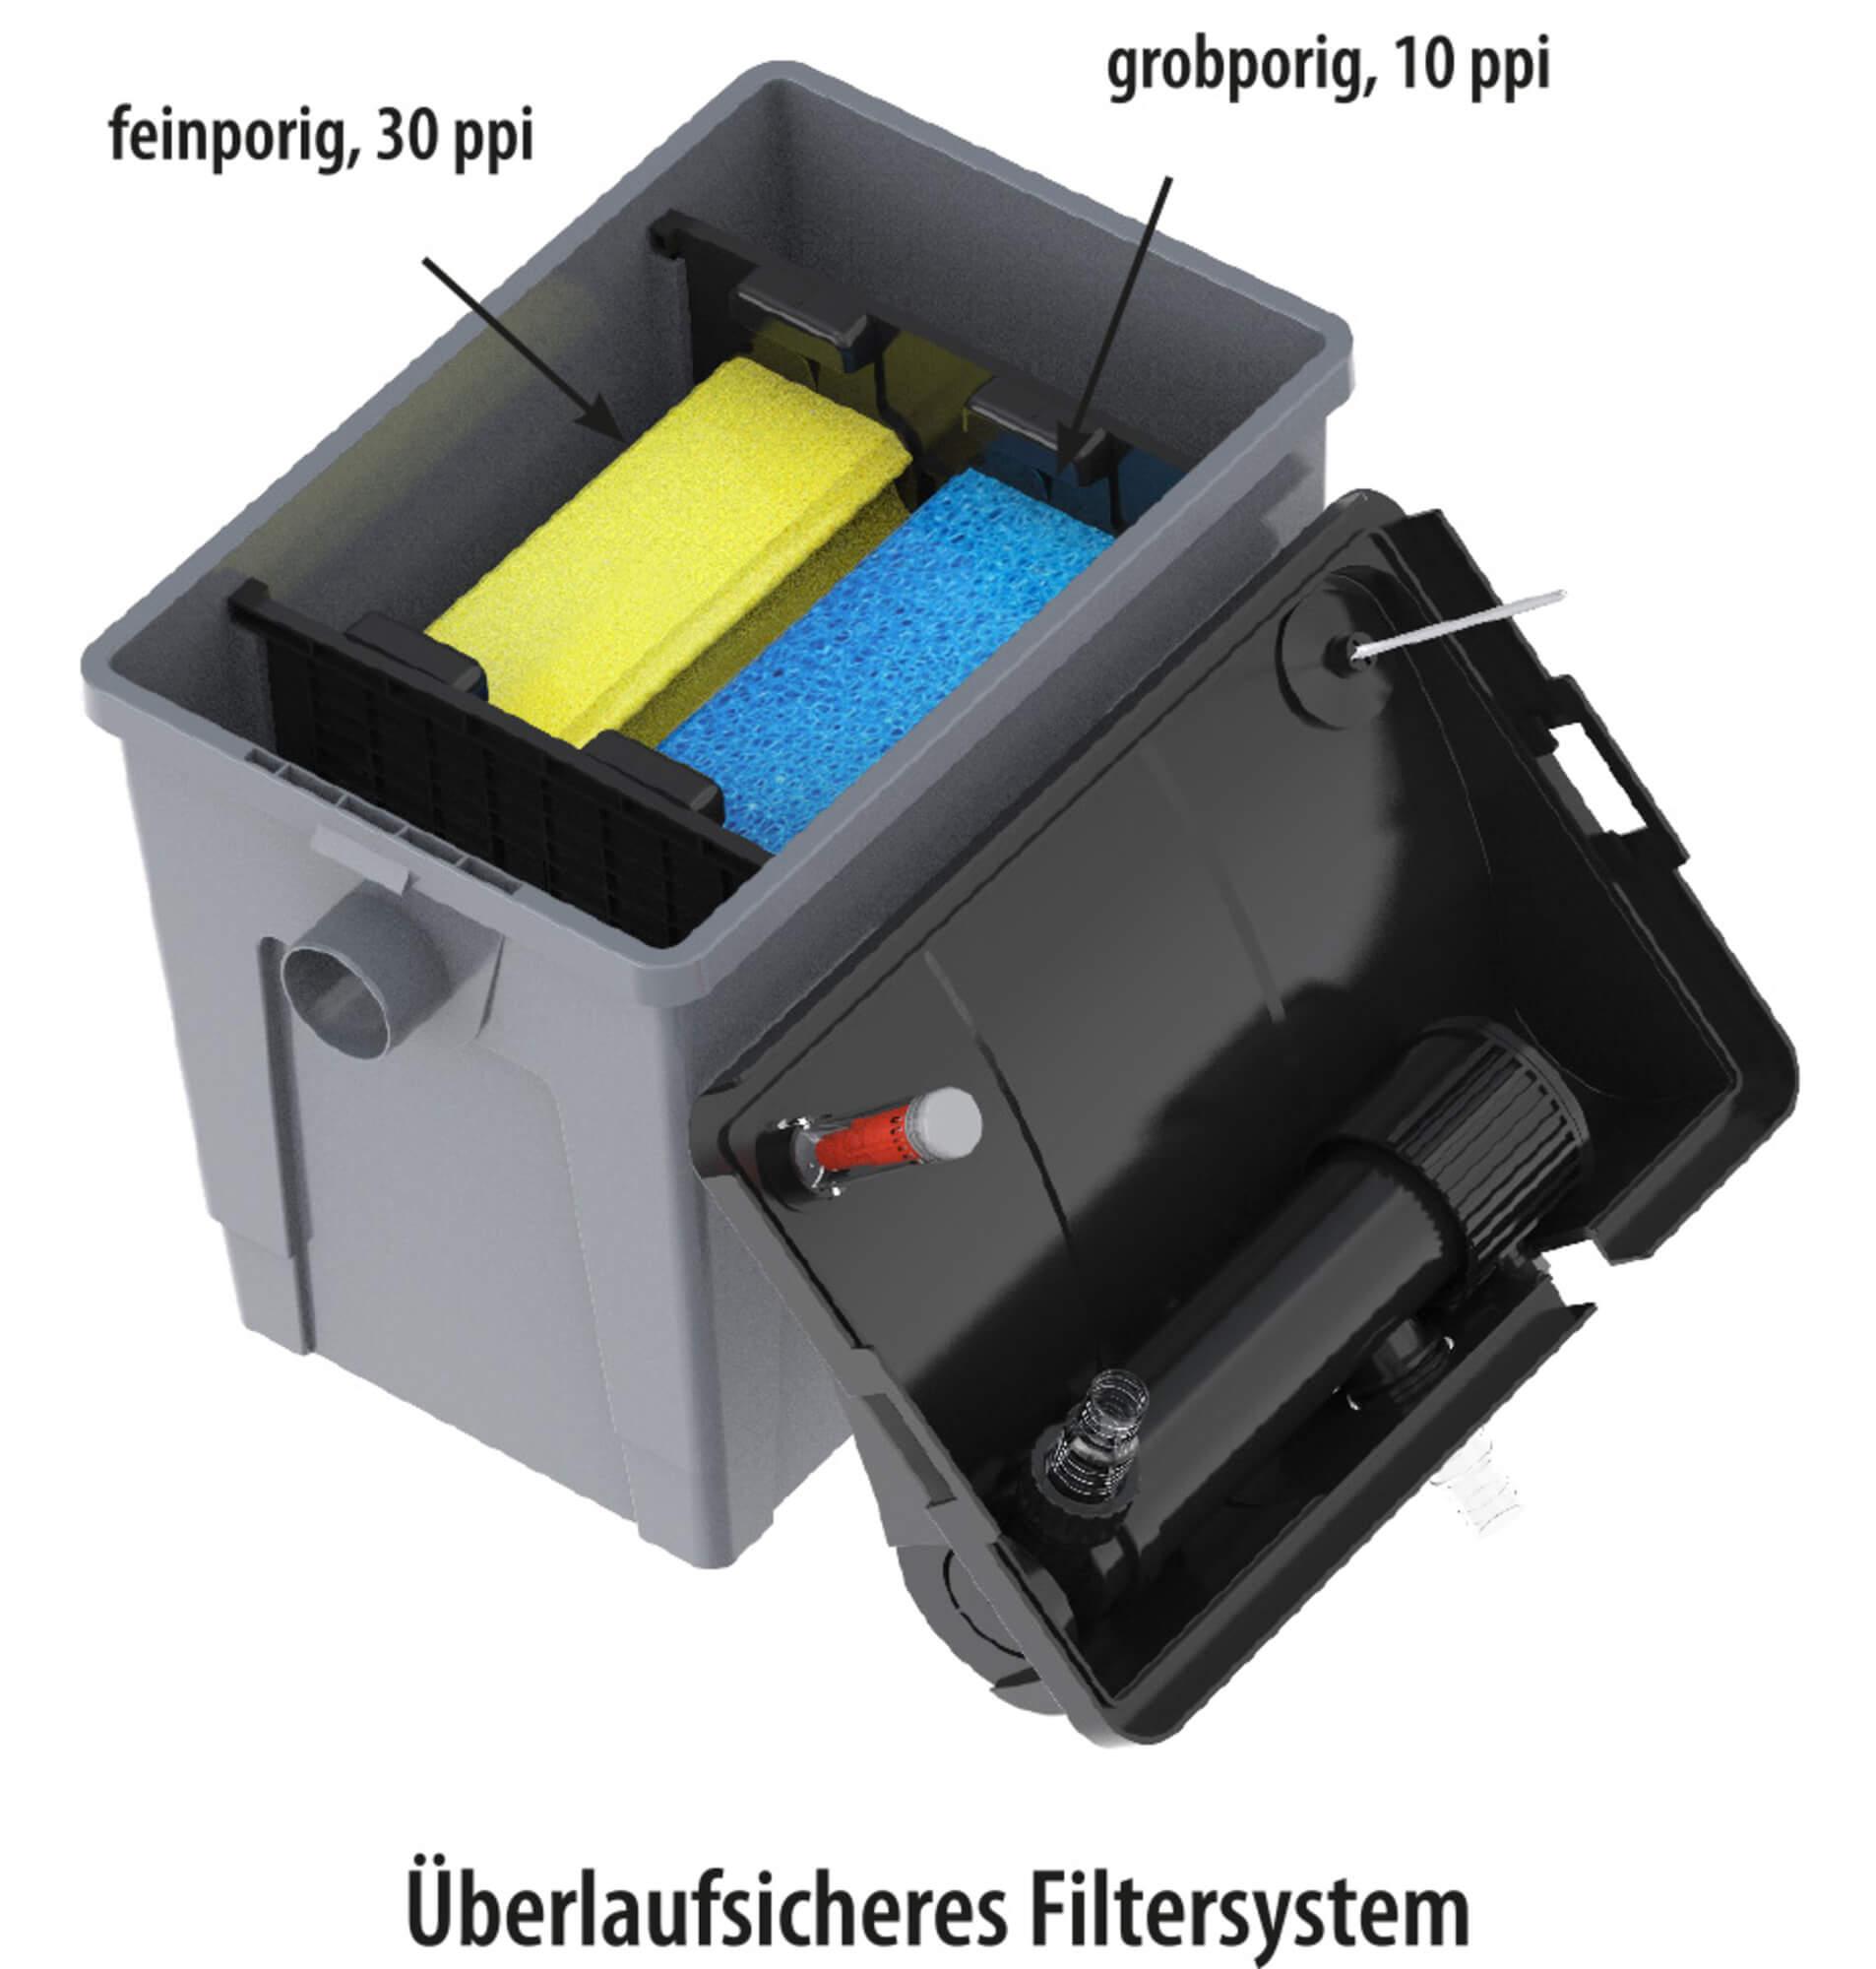 Heissner Durchlauffilter FPU10100-00 inkl. 9 Watt UV-C Teichklärer